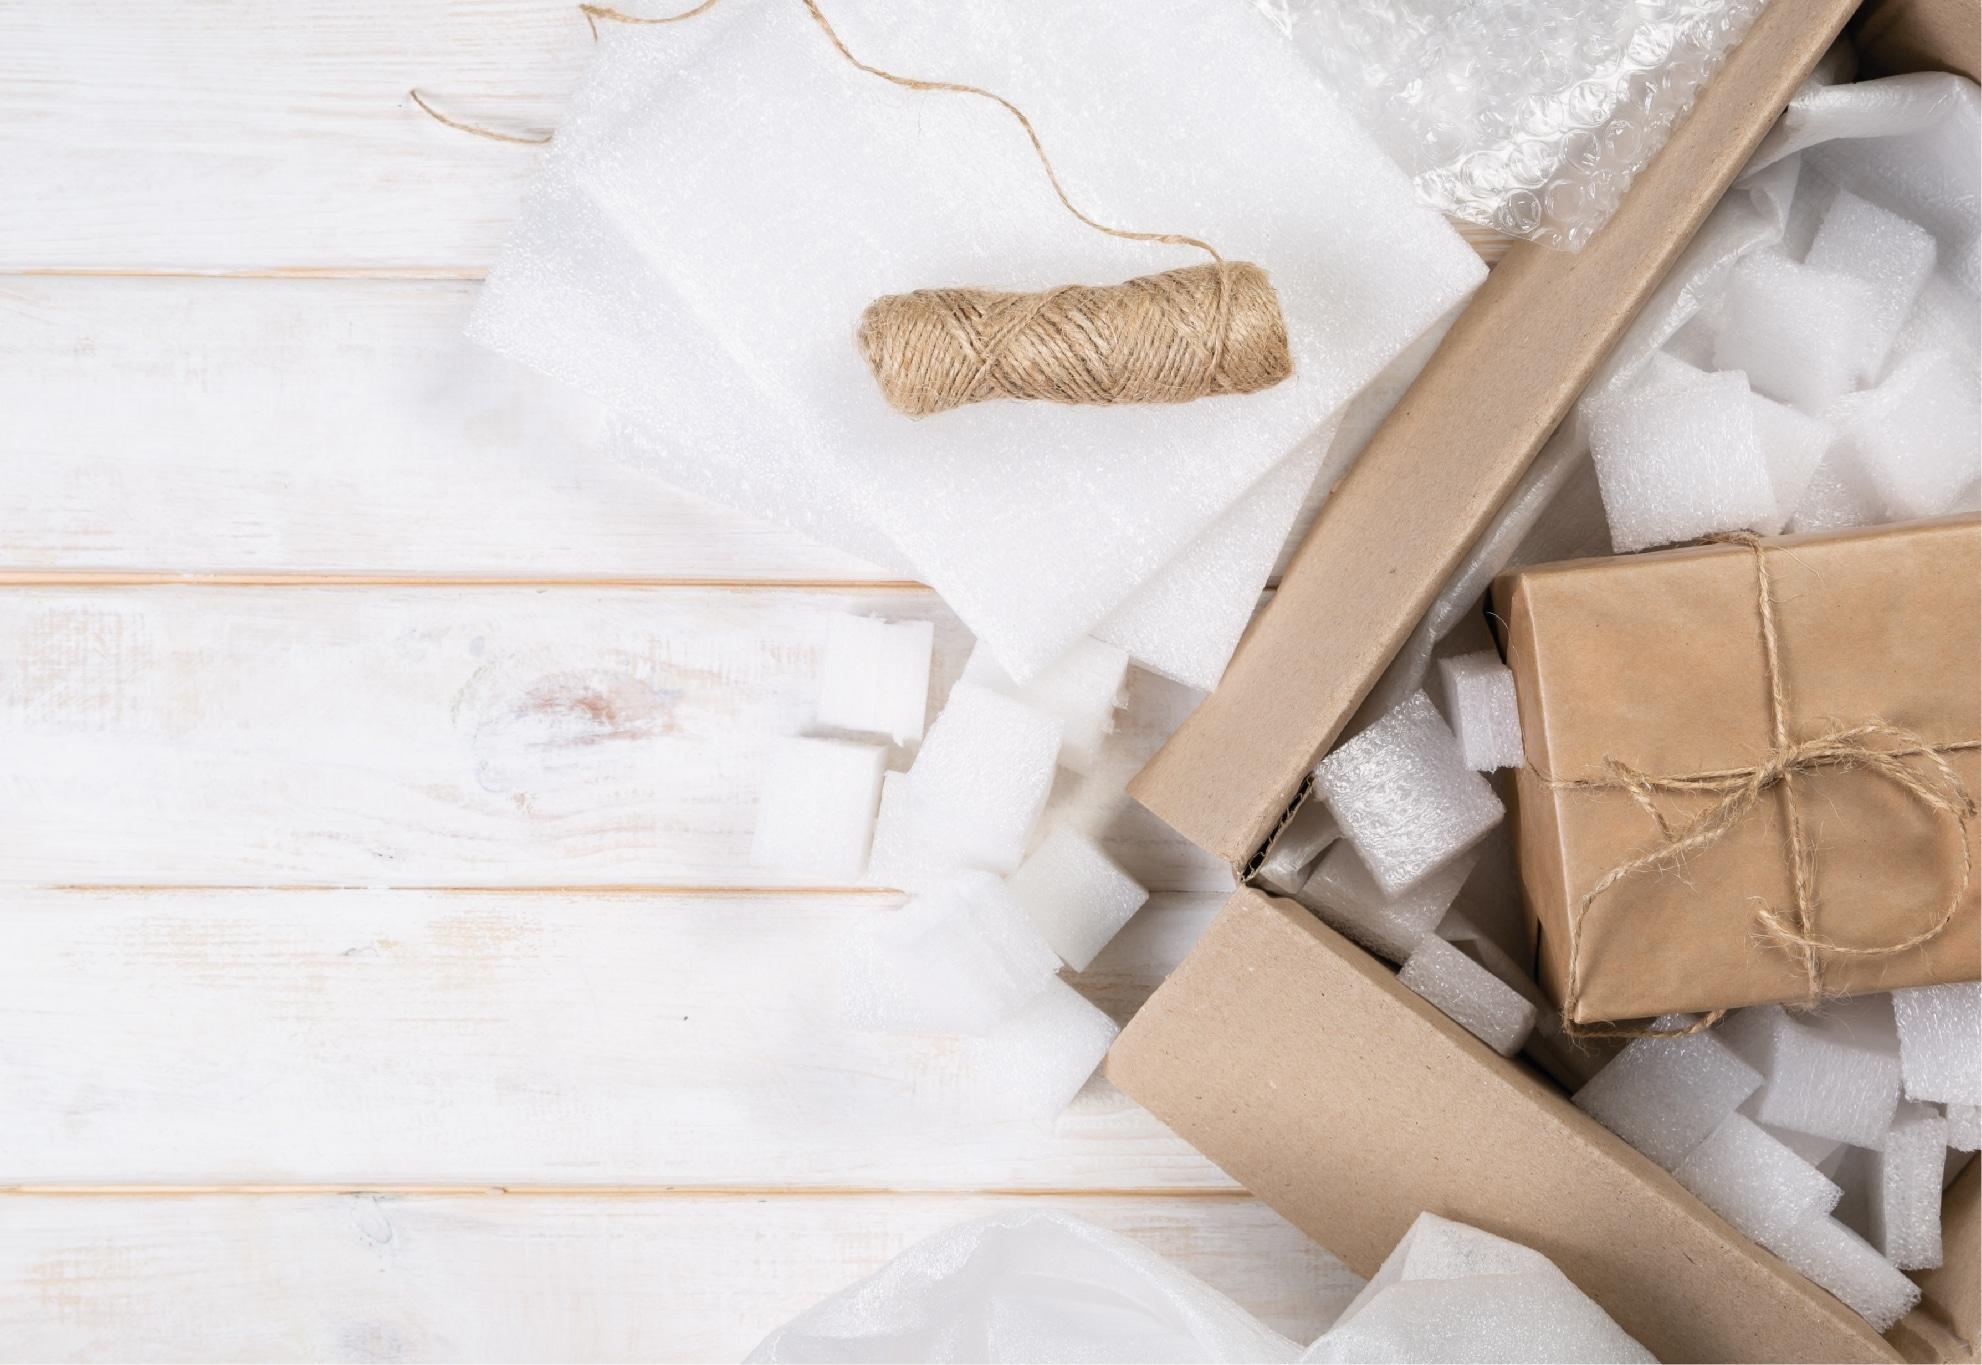 Caixa de entregas pergaminho com uma entrega com um cordão de cor castanha